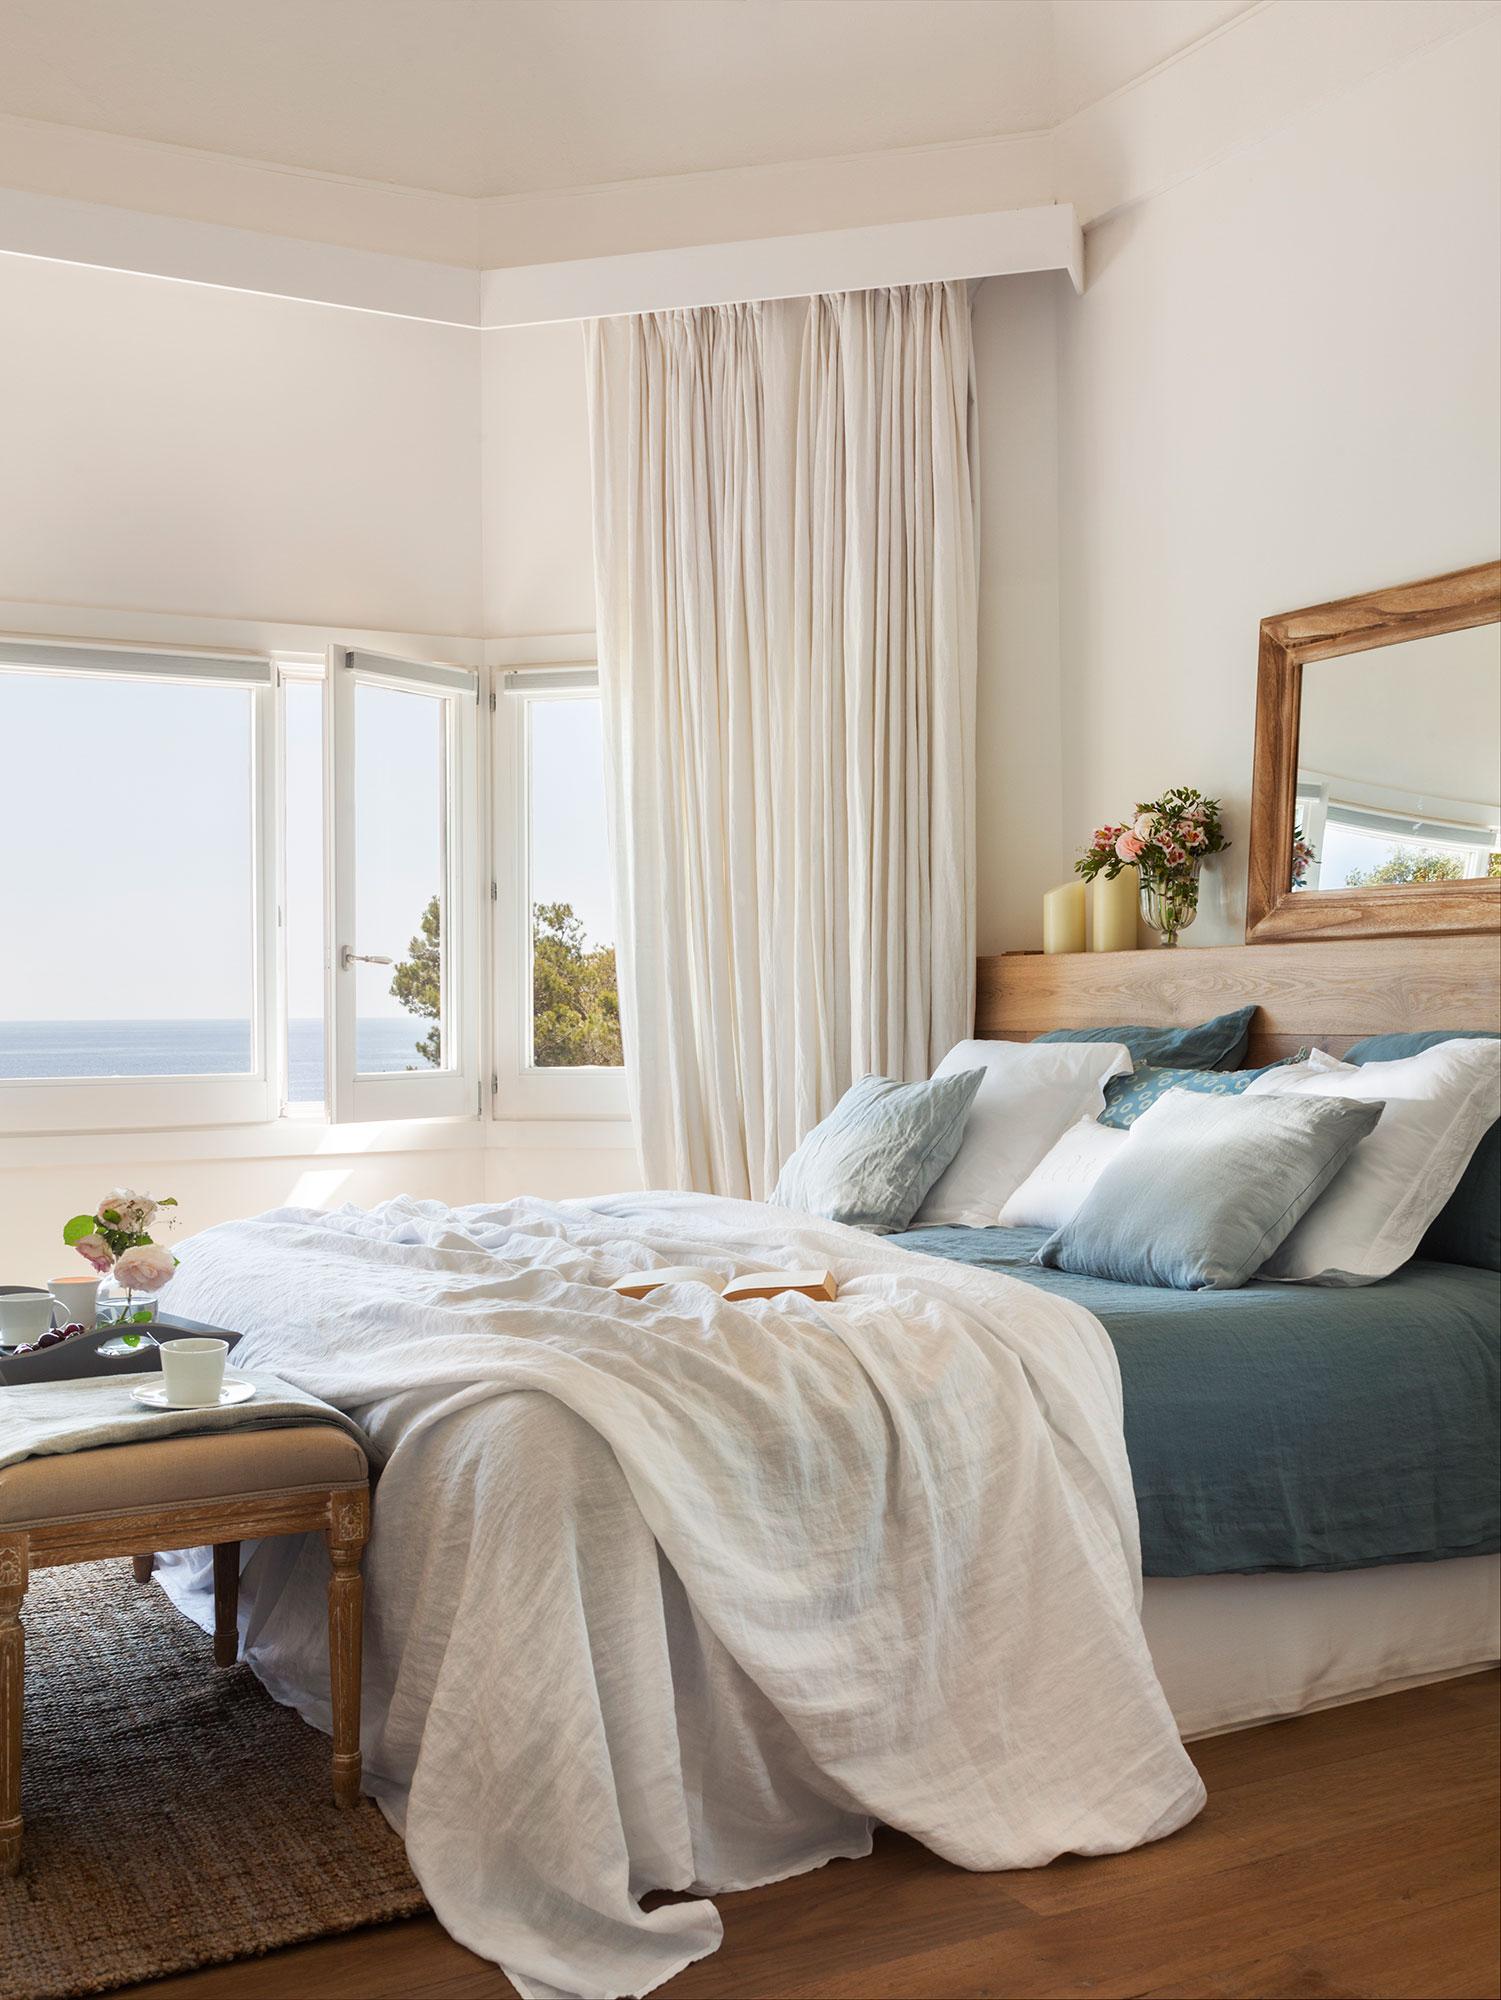 Dormitorios frescos viste tu habitaci n para el verano for Ropa cama matrimonio